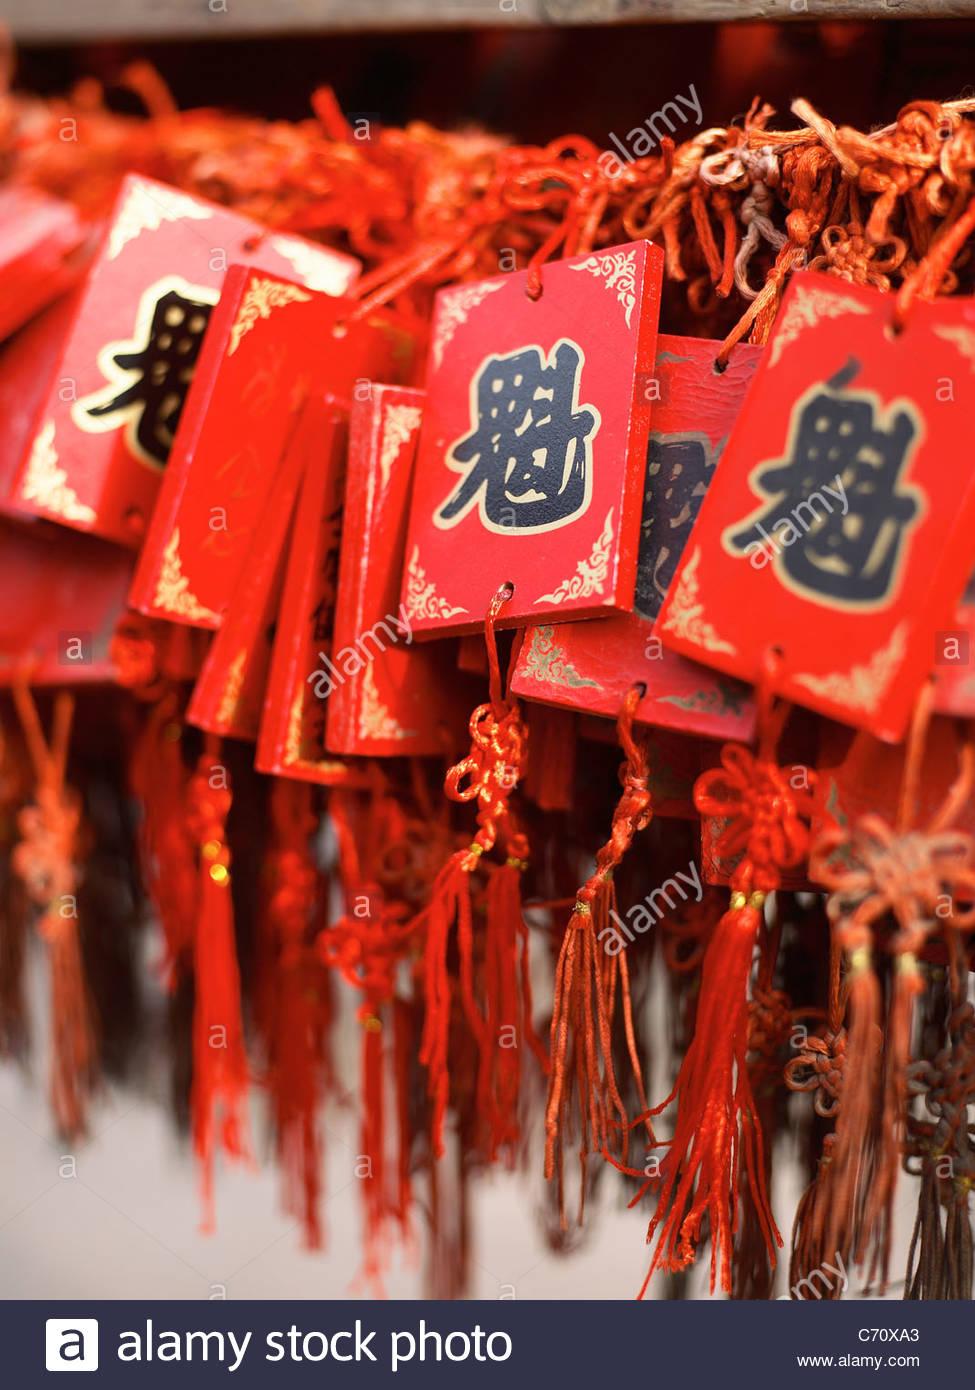 Glück-Anhänger auf rote Bänder Stockbild